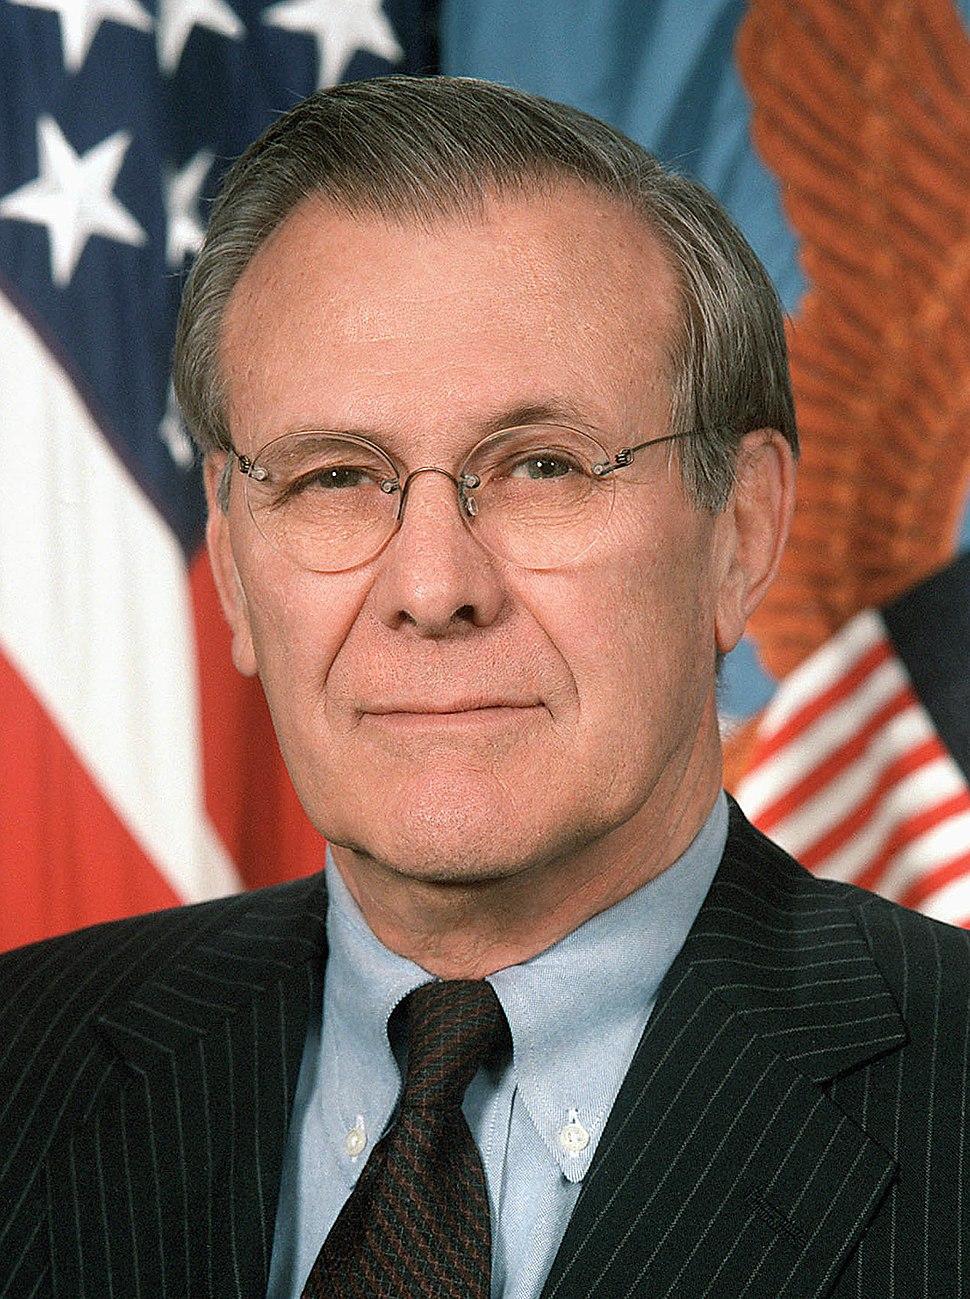 Rumsfeld1 (cropped)